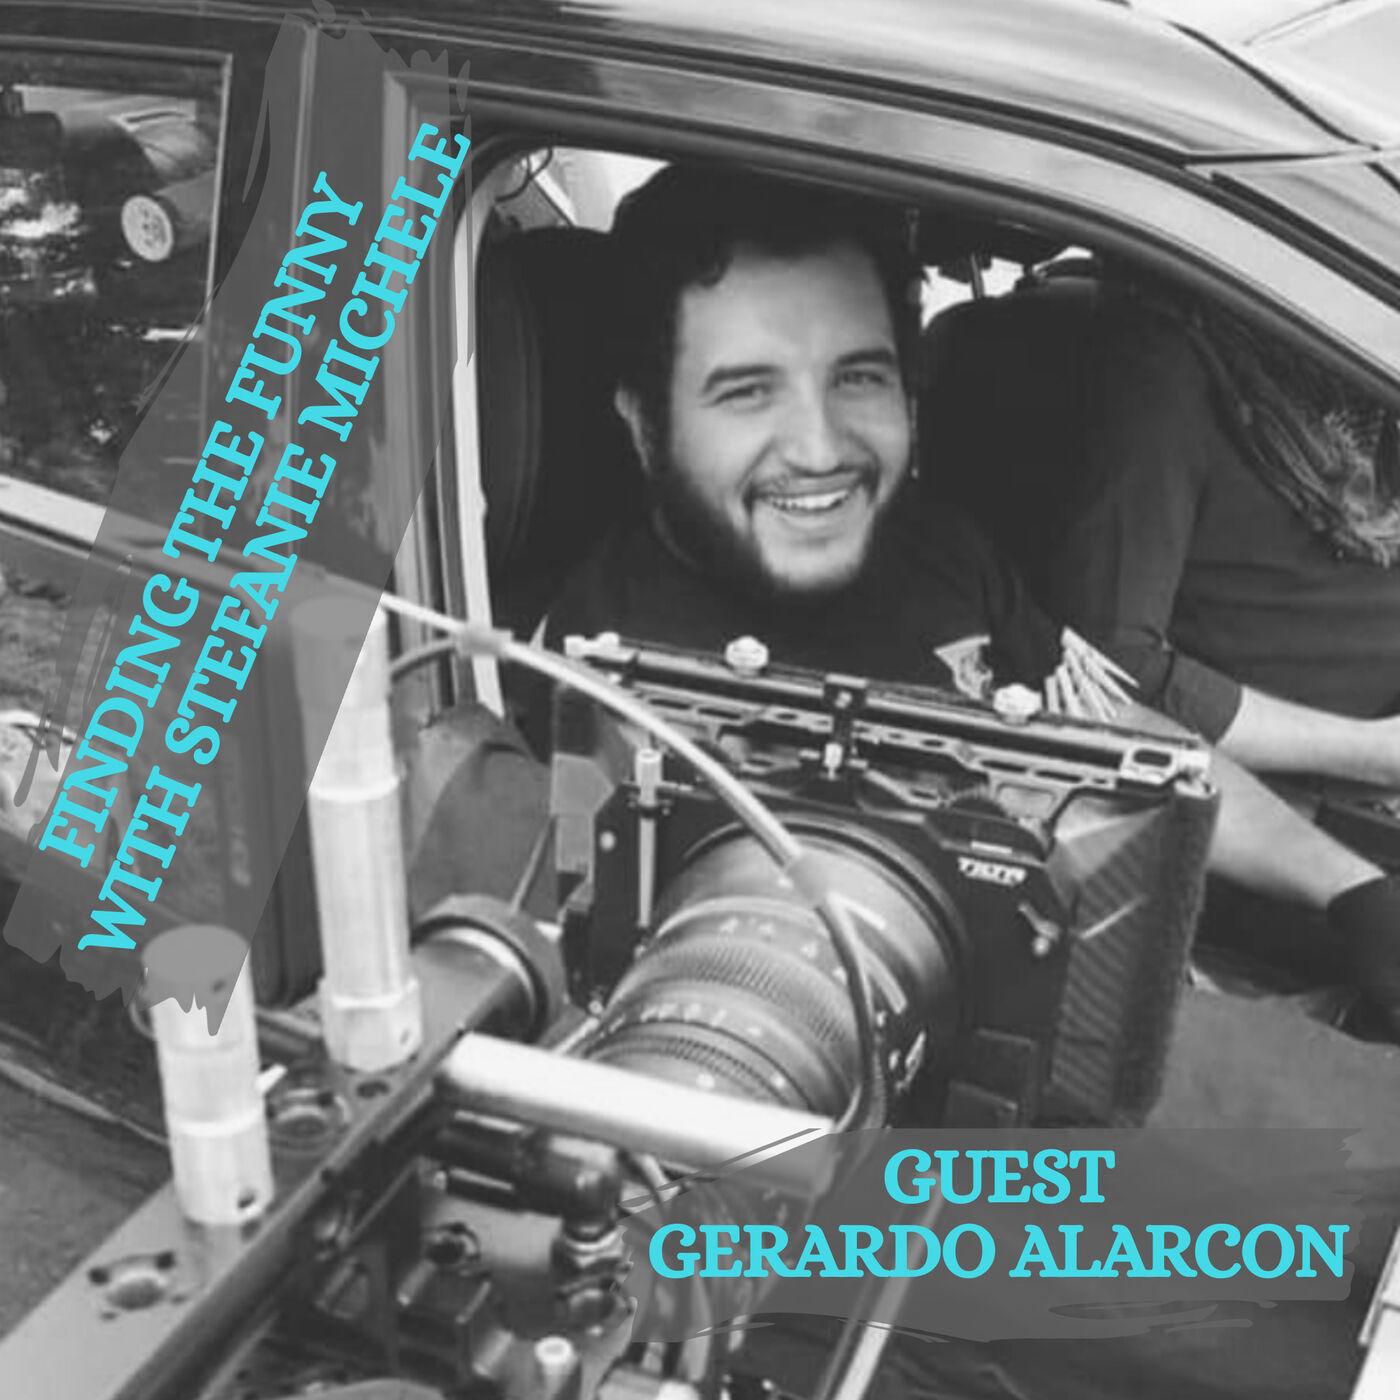 Gerardo Alarcon